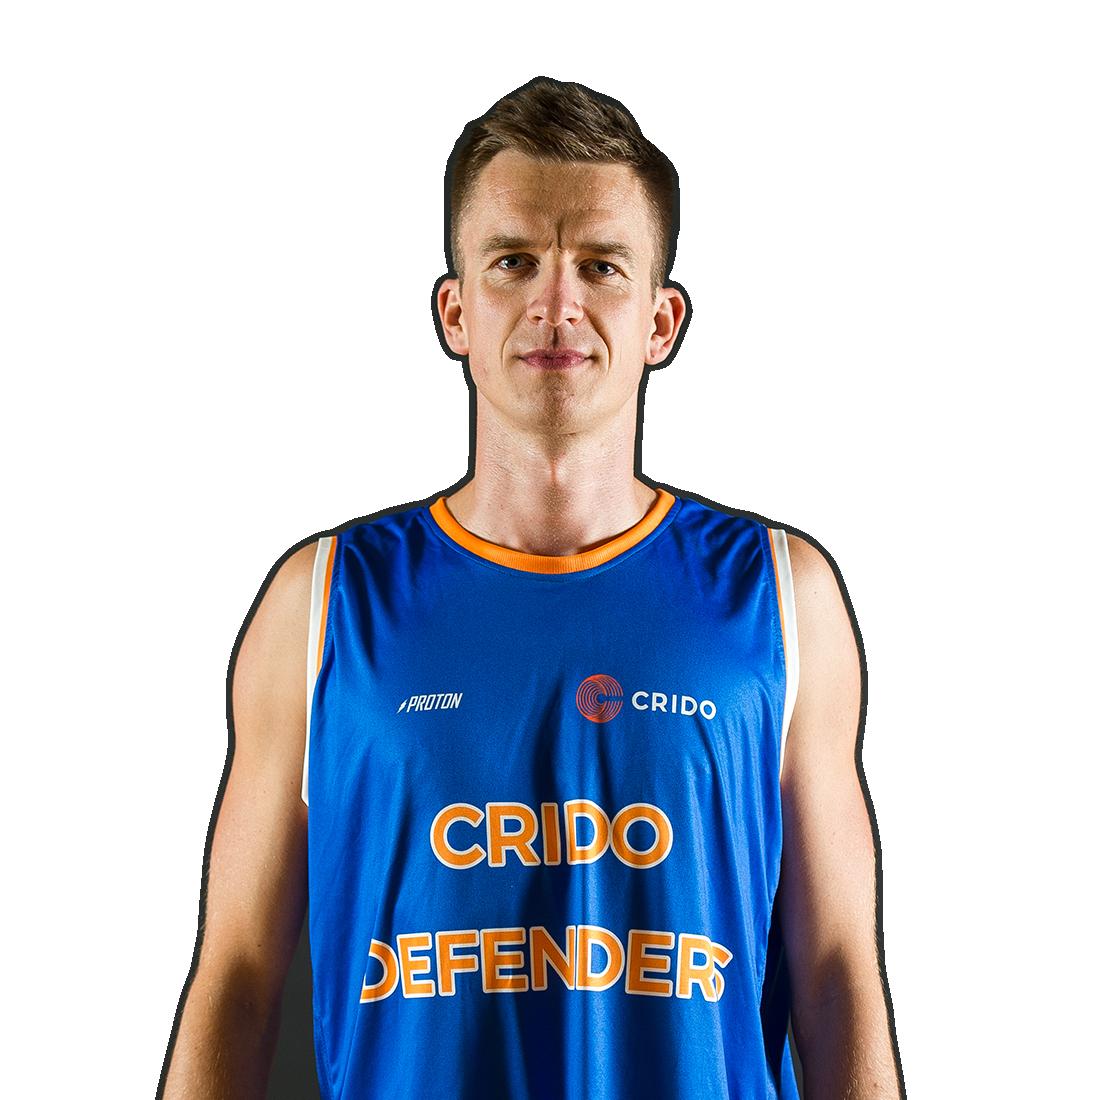 Grzegorz Rebkowiec